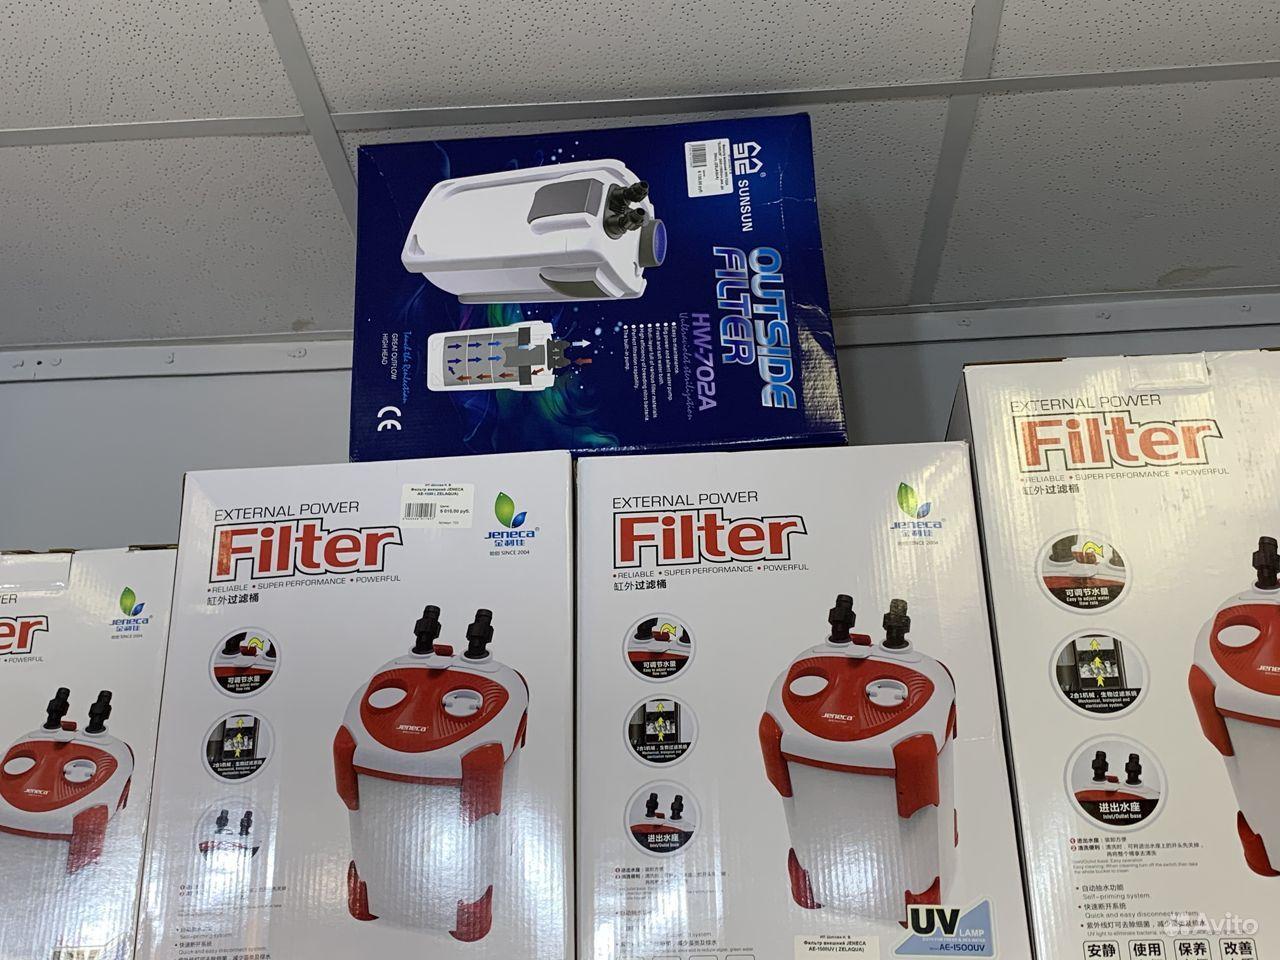 Фильтр sunsun HW-702B, с UV стерилизатором до 300л купить на Зозу.ру - фотография № 9